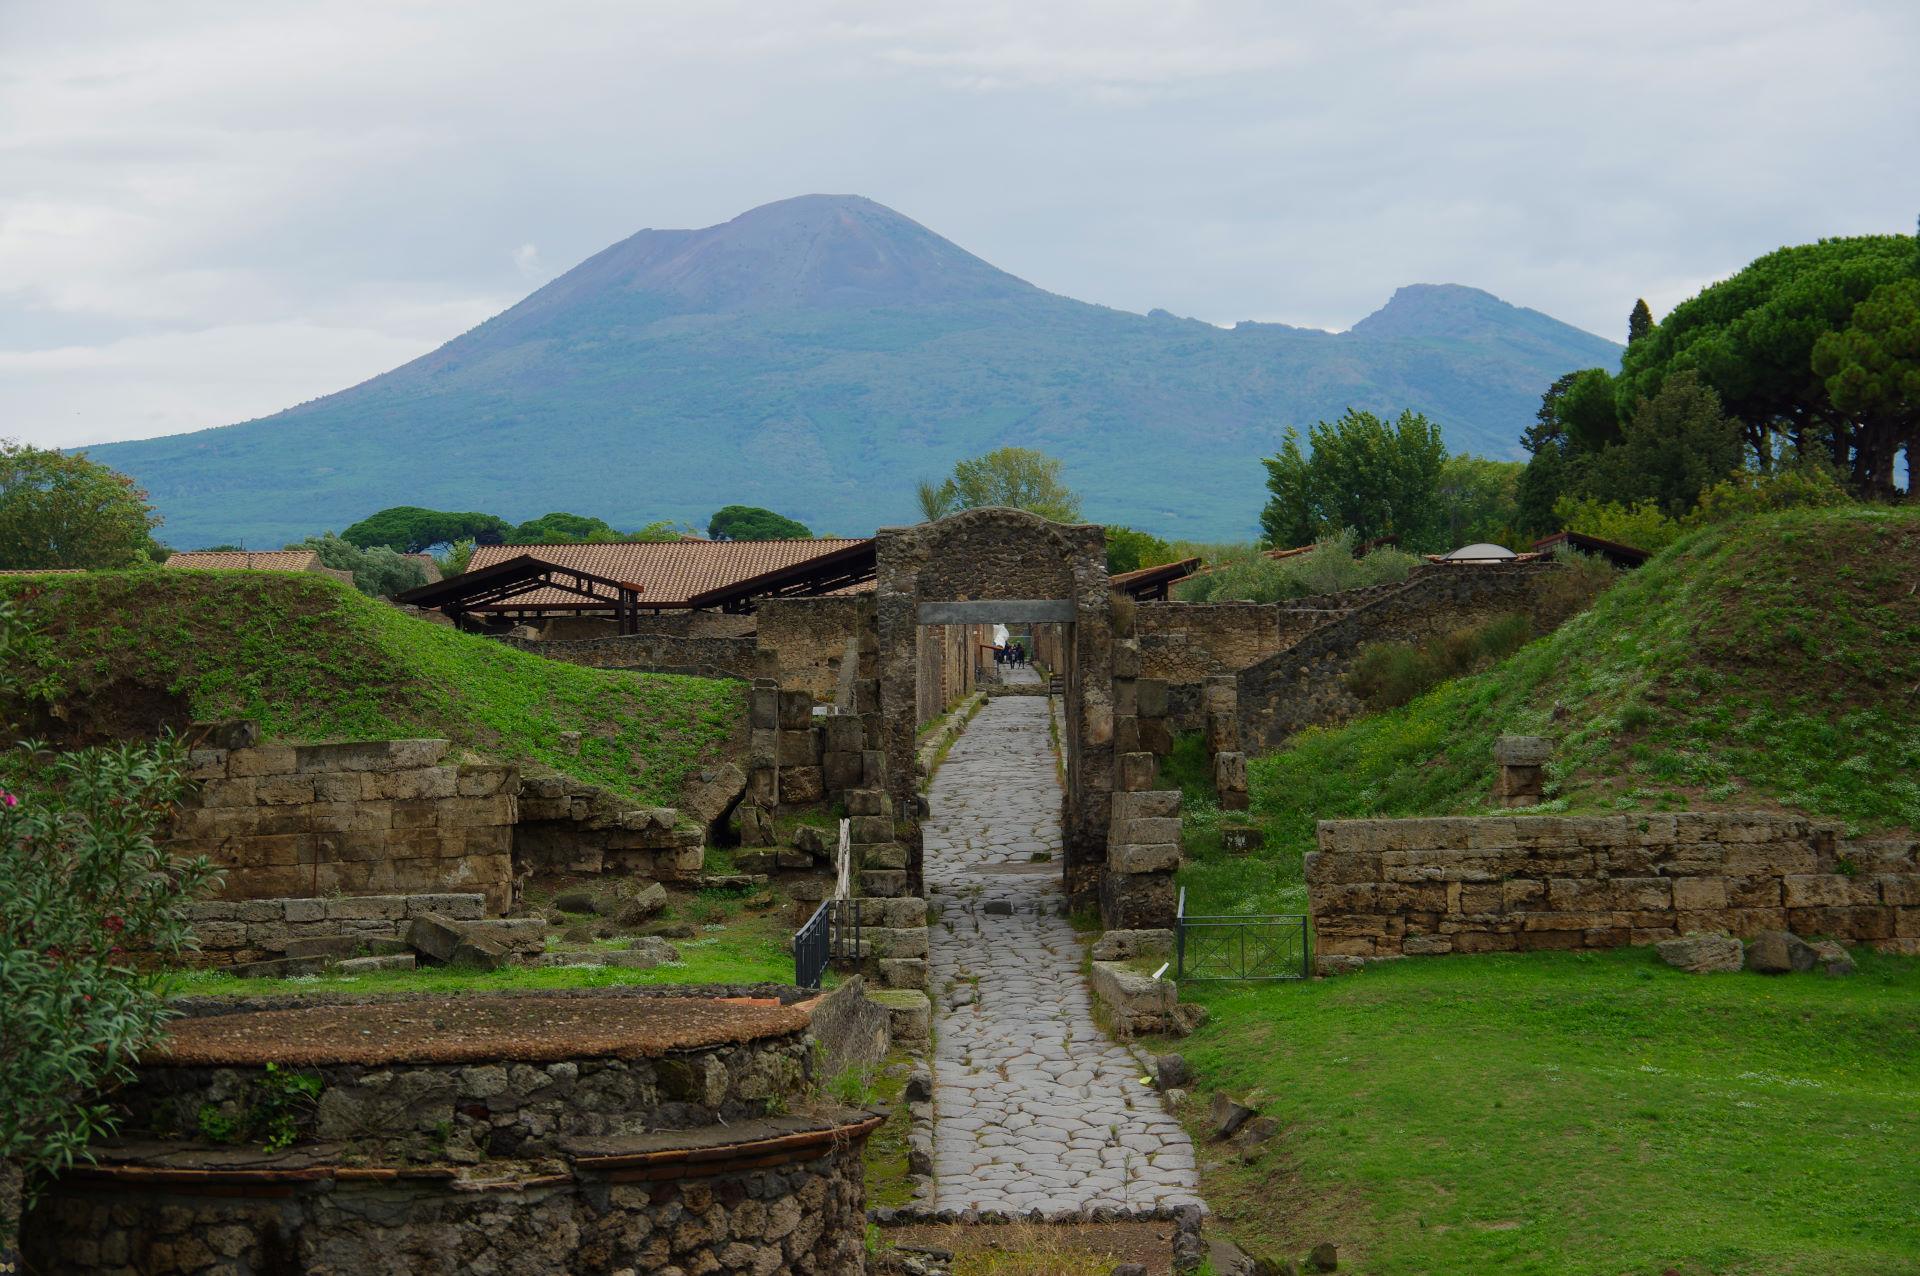 Italien 20. -24. oktober - Pompeji og Vesuv